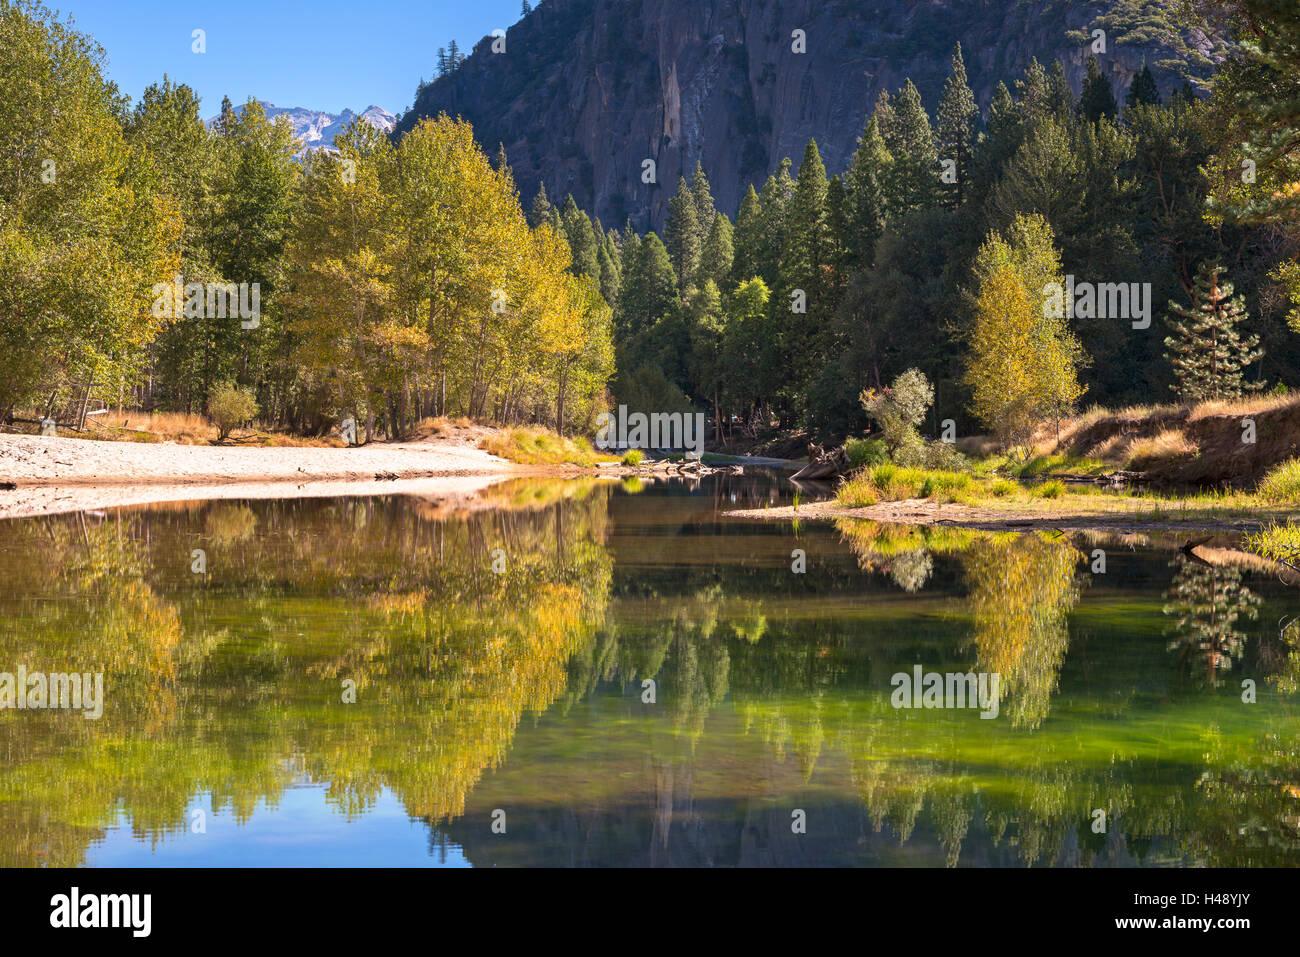 Bunter Herbst Bäume flankieren die Merced River im Yosemite Valley, Kalifornien, USA. Herbst (Oktober) 2014. Stockbild